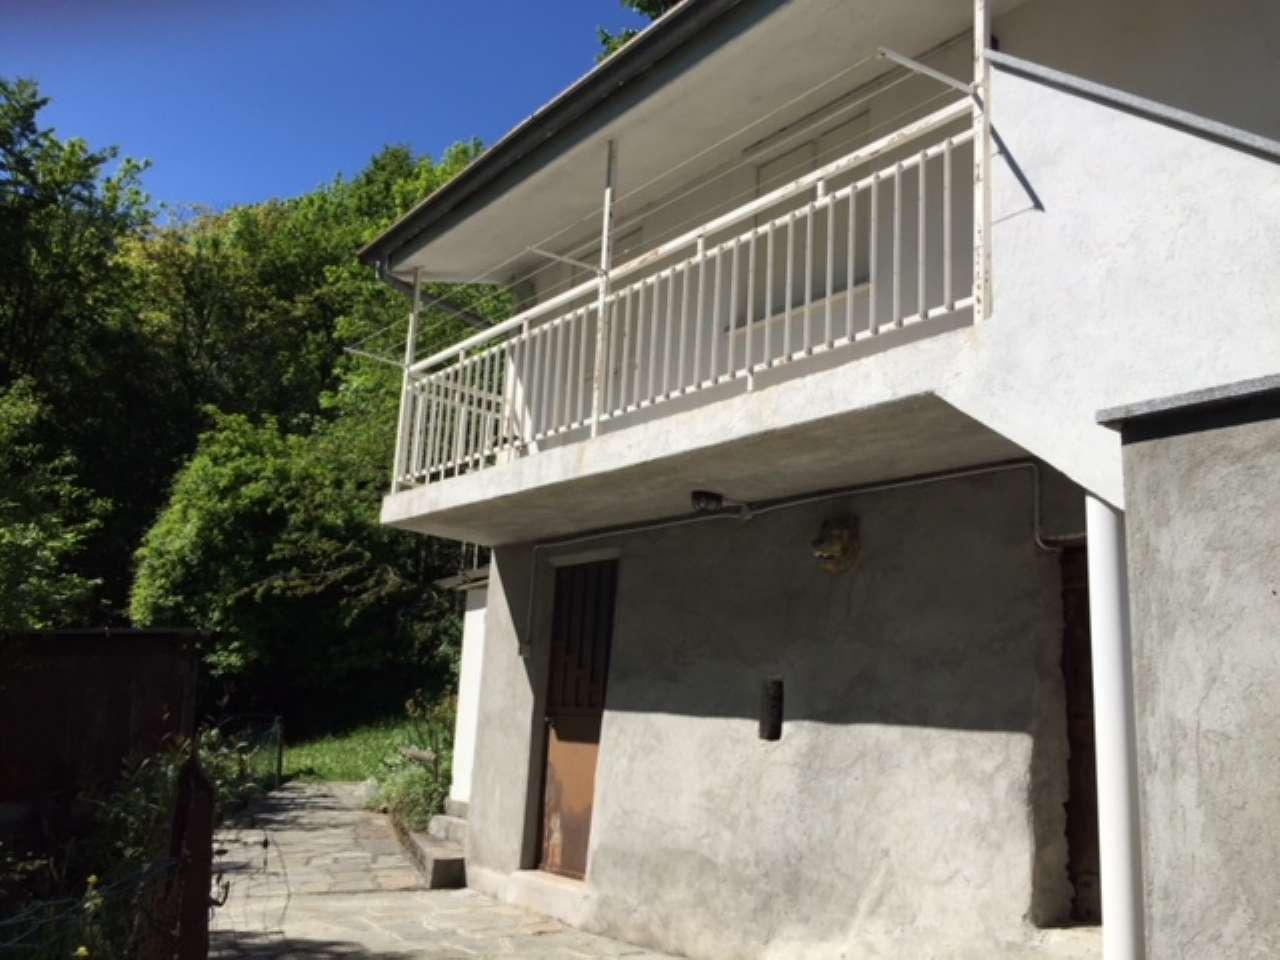 Soluzione Semindipendente in vendita a Villar Focchiardo, 1 locali, prezzo € 13.000 | PortaleAgenzieImmobiliari.it